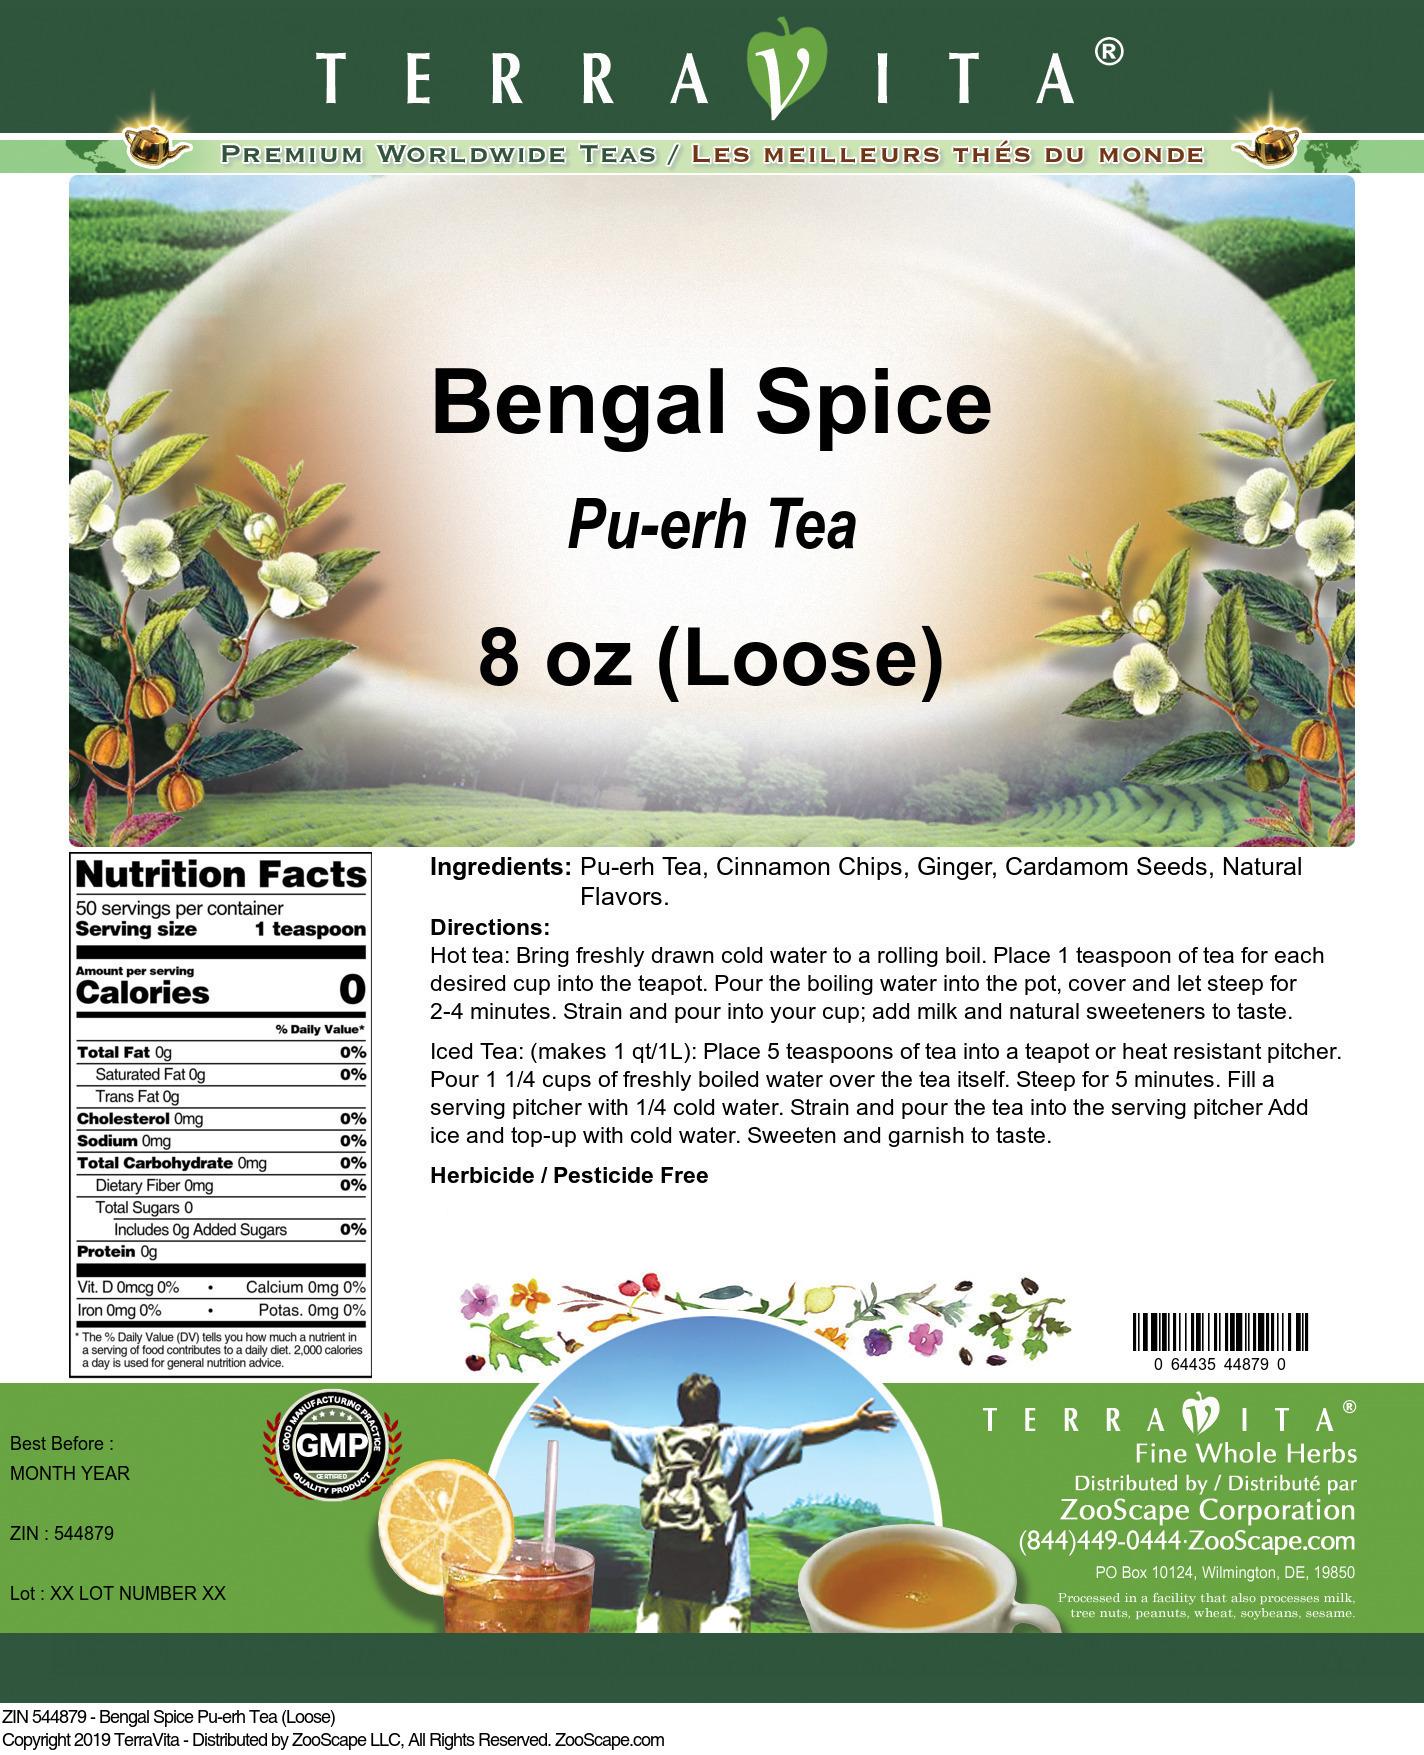 Bengal Spice Pu-erh Tea (Loose)